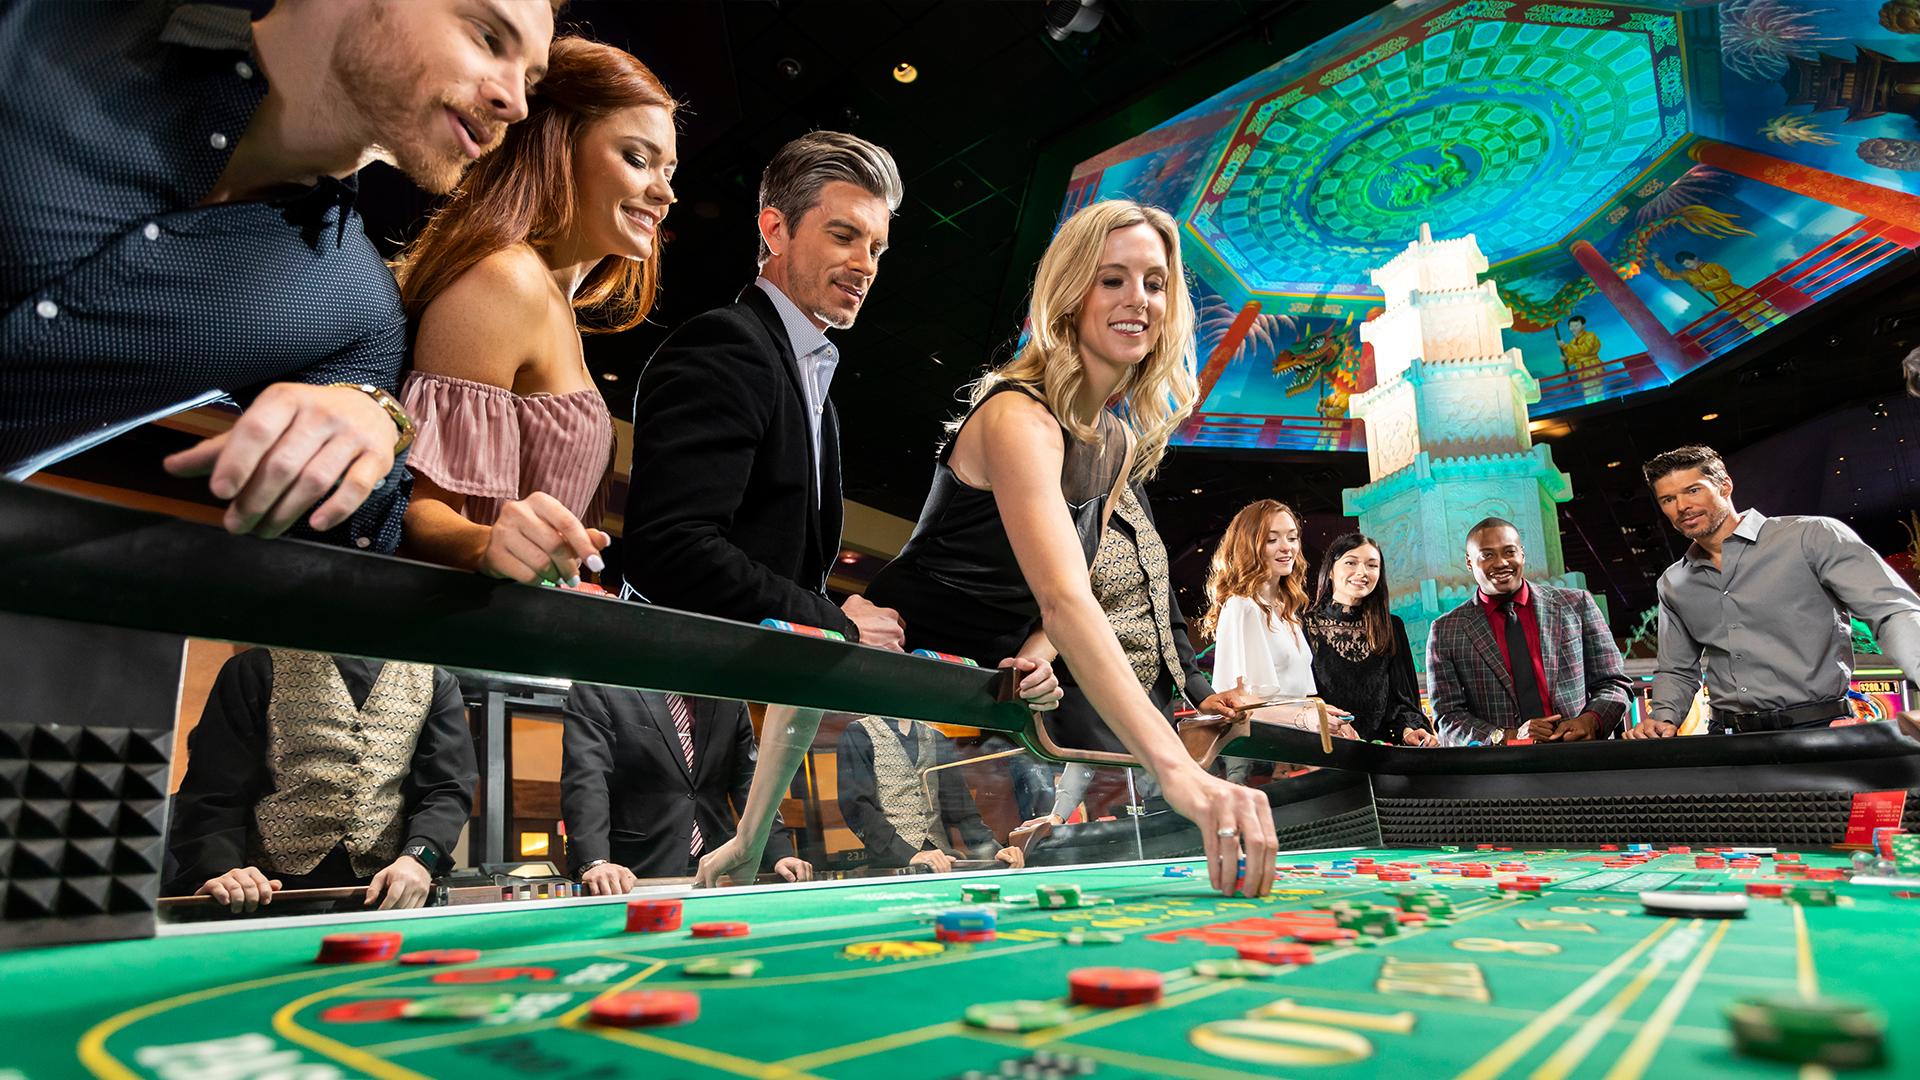 カジノ ギャンブルは世界中で最も人気のある娯楽になり、今ではどこからでもアクセスできます。オンラインカジノは、国のさまざまな地域のプレーヤーをつなげて互いに対戦することにより、デジタルプラットフォームでギャンブルを現実のものにしています。最近、より多くの人々がギャンブルをしています。彼らのほとんどは、自宅の快適さからお気に入りのゲームをプレイしています。デバイスからプレイするオプションはギャンブルを便利にしますが、ゲームをプレイする正しい方法を学ぶ機会をプレイヤーから奪います。 カジノで多くの睨みをつけたくない場合は、陸上のカジノにいるときの行動方法を知っておく必要があります。すべてのカジノゲームには特定の不文律がありますが、オンラインギャンブラーはこれらに気付いていない可能性があります。実店舗のカジノに初めて出かける前に、カジノギャンブルのそのような側面を知っておくことが重要です。カジノでの振る舞い方に関するヒントをいくつかご紹介します。 1.負けても冷静さを保つ あなたはあなたの場所の快適なソファからあなたのデバイスで遊んでいないことを忘れないでください。カジノの騒音はある程度許容されます。損失を処理する方法を知っている限り、カジノから追い出されるリスクはありません。ゲームがあなたに有利になっていないときは、あなたの否定的な感情を伝えないようにしましょう。他のプレイヤーやディーラーを軽視しないでください。最善の方法は、あなたの損失を受け入れて去ることです。ゲームで大金を失うハイローラーでさえ、エチケットに固執しようとします。ゲームが南に進んだ場合は、落ち着いて次の試みを待ちます。このような状況では、叫んだり攻撃的になったりしないでください。 2.テーブルで行動する ほとんどの評判の良いカジノは、テーブルでカジノと飲み物を提供しています。あなたが取る食べ物を乱雑にしないようにしてください。あなたのテーブルマナーはここで使われるようになります。また、他のプレイヤーやディーラーの邪魔になる可能性があるため、テーブルの上に大きな物を置かないでください。テーブルが混雑している場合は、他の訪問者に遊ばせてください。他人のギャンブル体験に煩わされないでください。 3.カジノのポリシーを尊重する すべてのカジノで、ゲームをプレイしながらモバイルデバイスを使用できるわけではありません。また、カジノで写真をクリックすることは許可されていない場合があります。施設に向かう前に、カジノの方針を確認してください。ポリシーに準拠するために、カジノ当局からの要請に備えておく必要があります。 4.スタッフと他のプレイヤーを上手に扱う あなたは単にカジノの顧客です。つまり、あなたにはろれつが回らない、または叫ぶ権限がありません。カジノ内の他のすべての人の個々のスペースを尊重します。それは他のプレイヤーであろうとスタッフであろうと。カジノで出会うすべての人に礼儀正しくしてください。